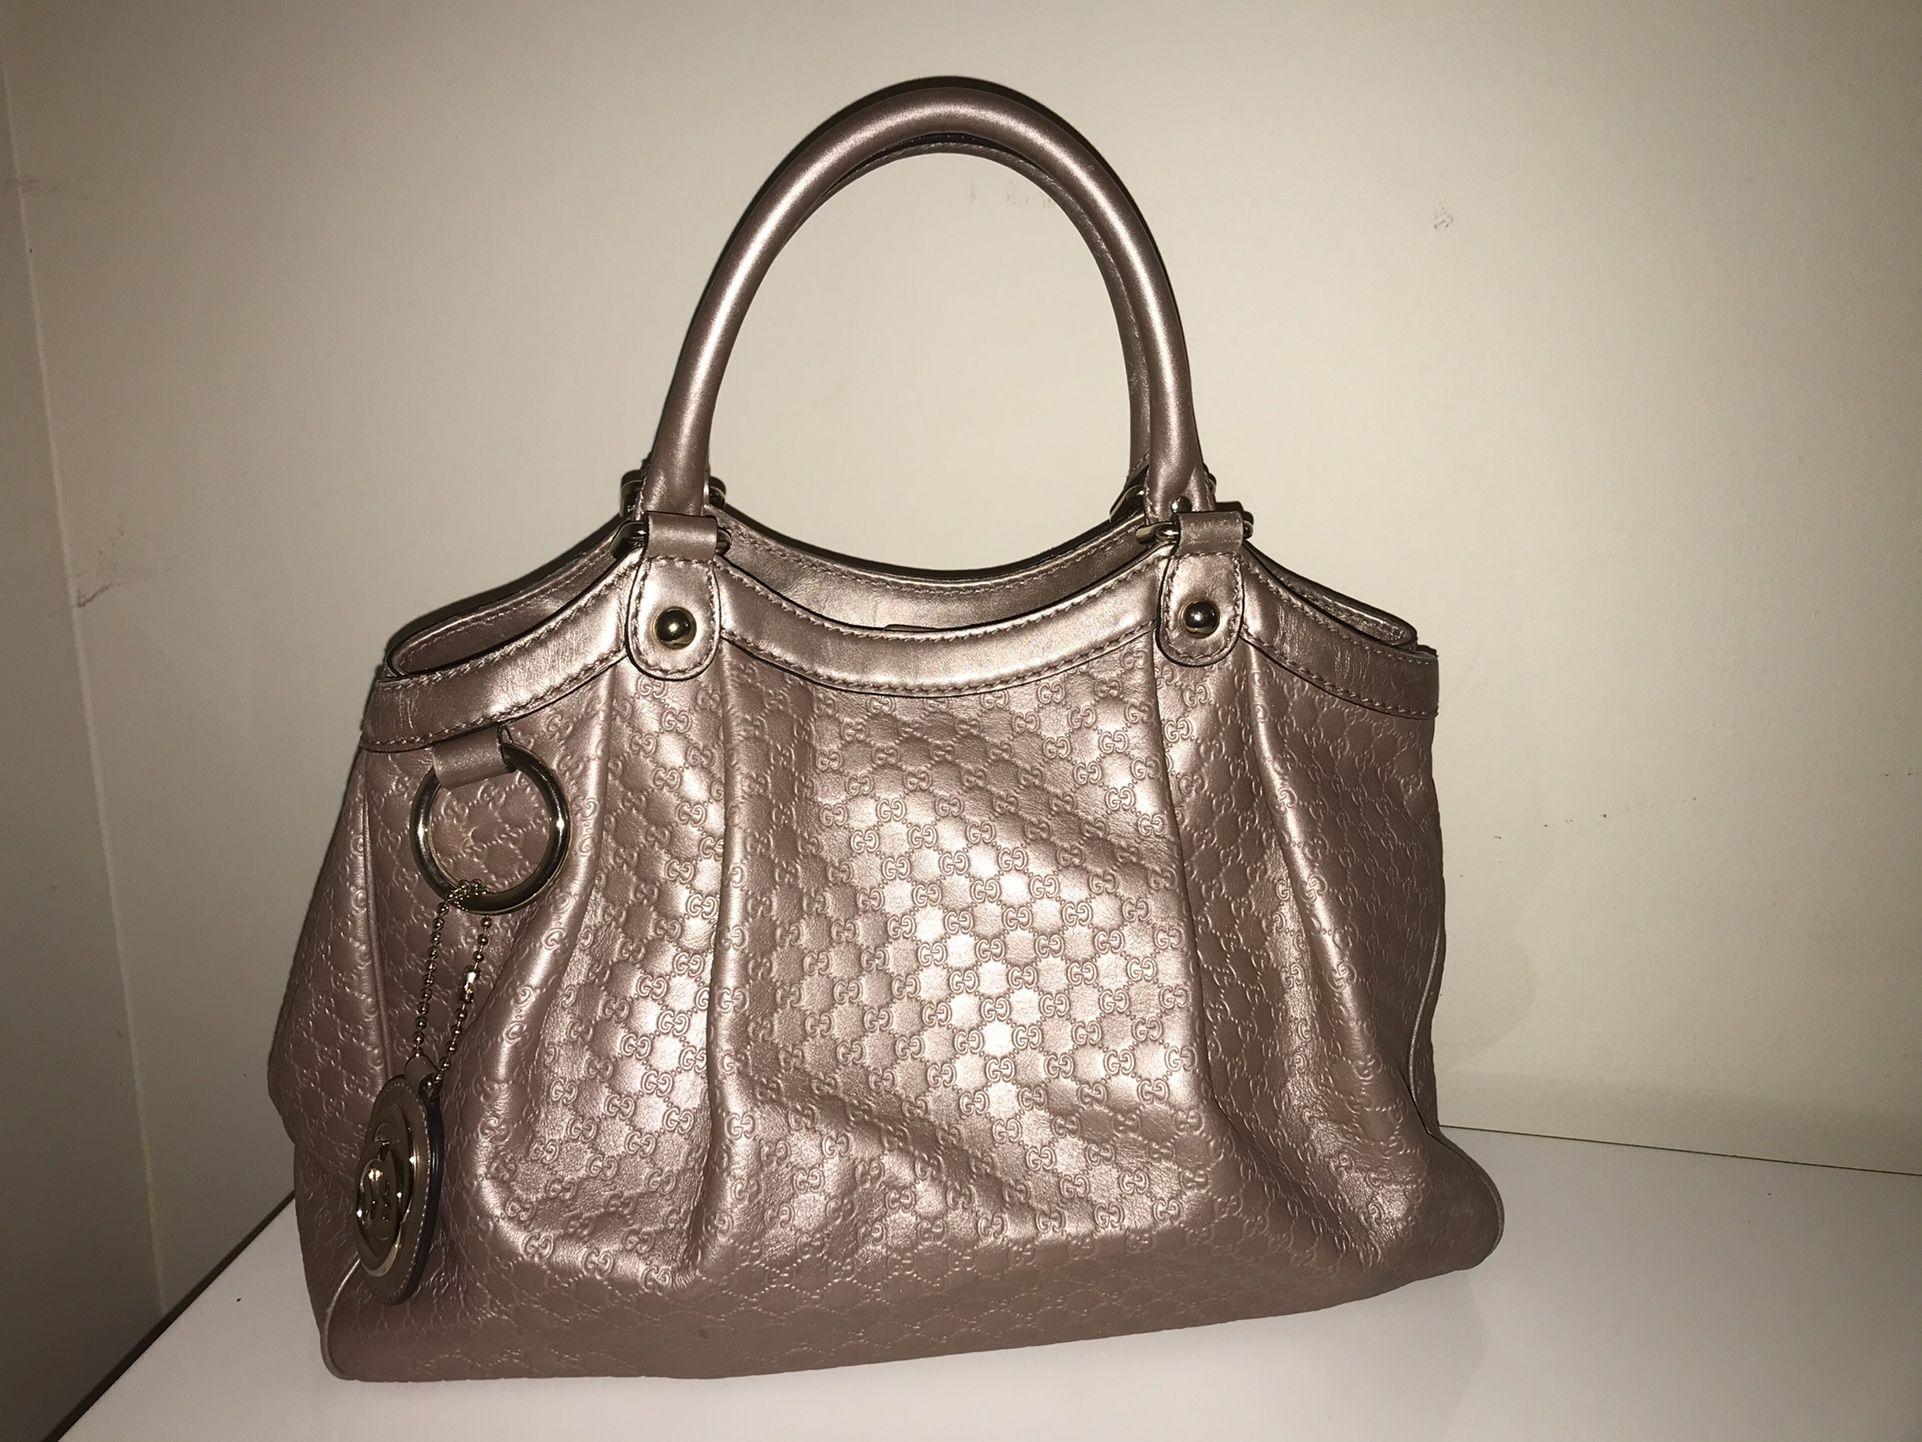 Authentic Gucci Sukey Microguccissima Tote Bag In Like New Condition